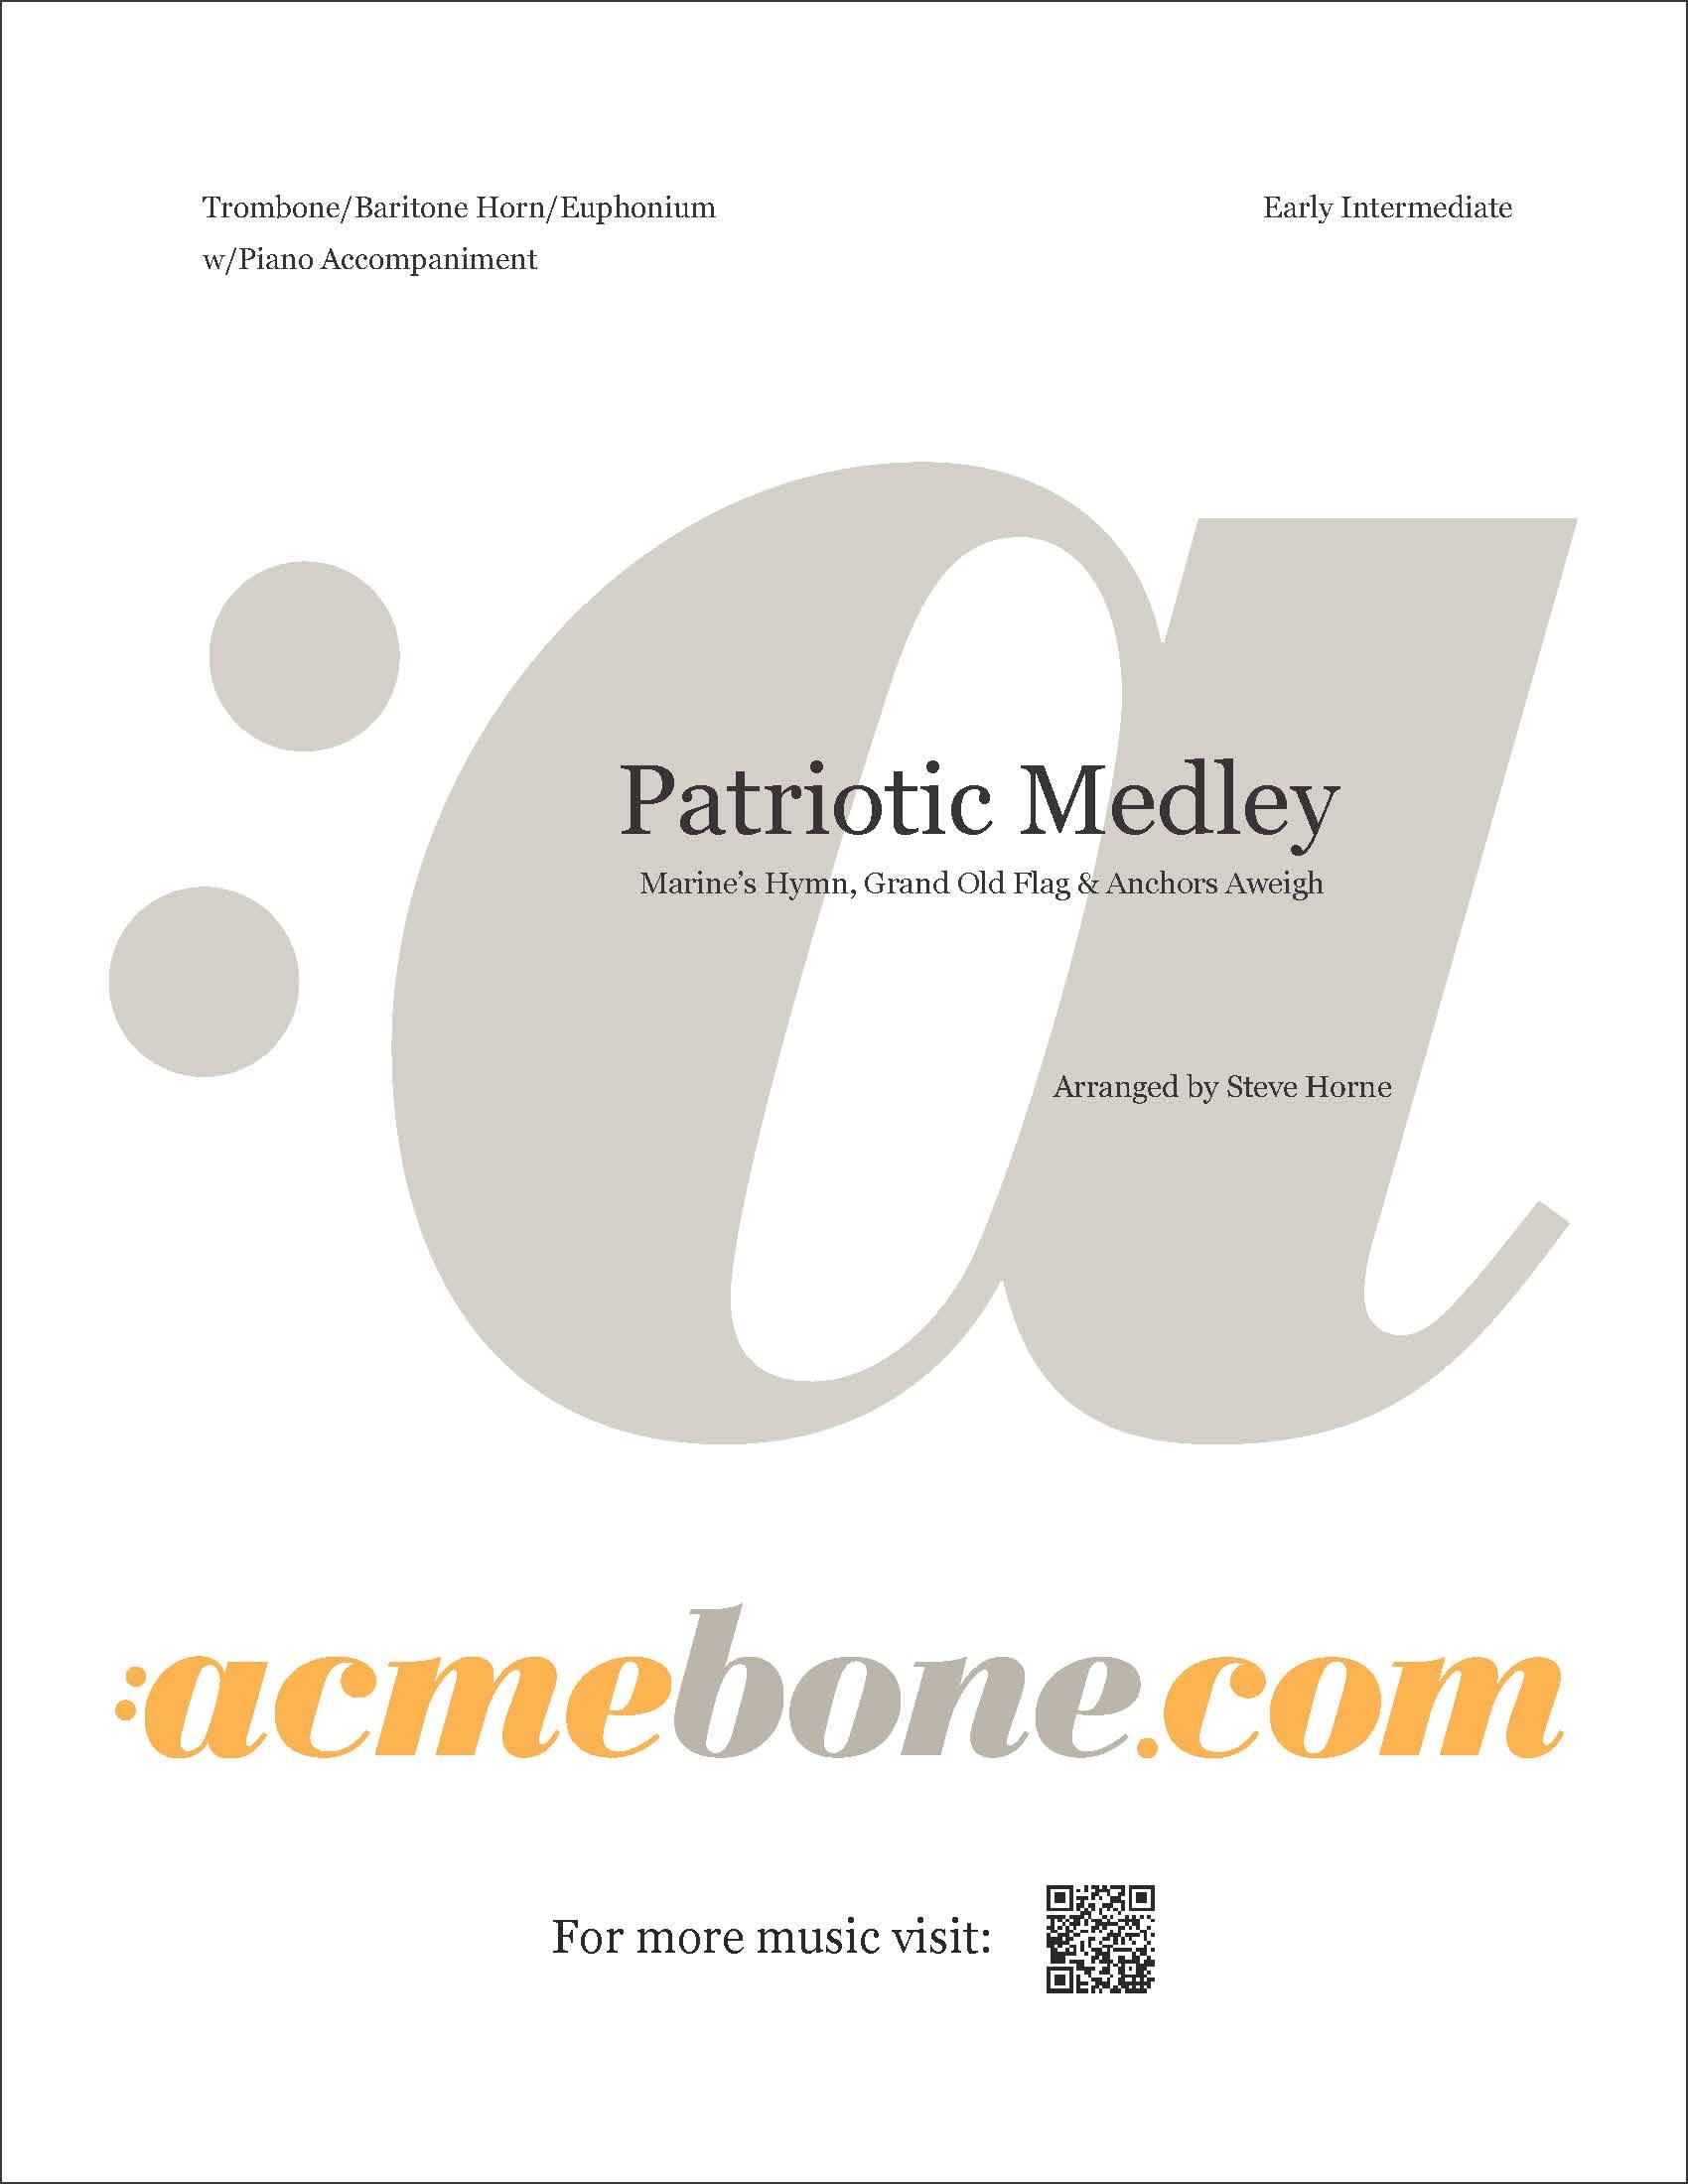 Patriotic Medley_digital_complete_Page_1.jpg